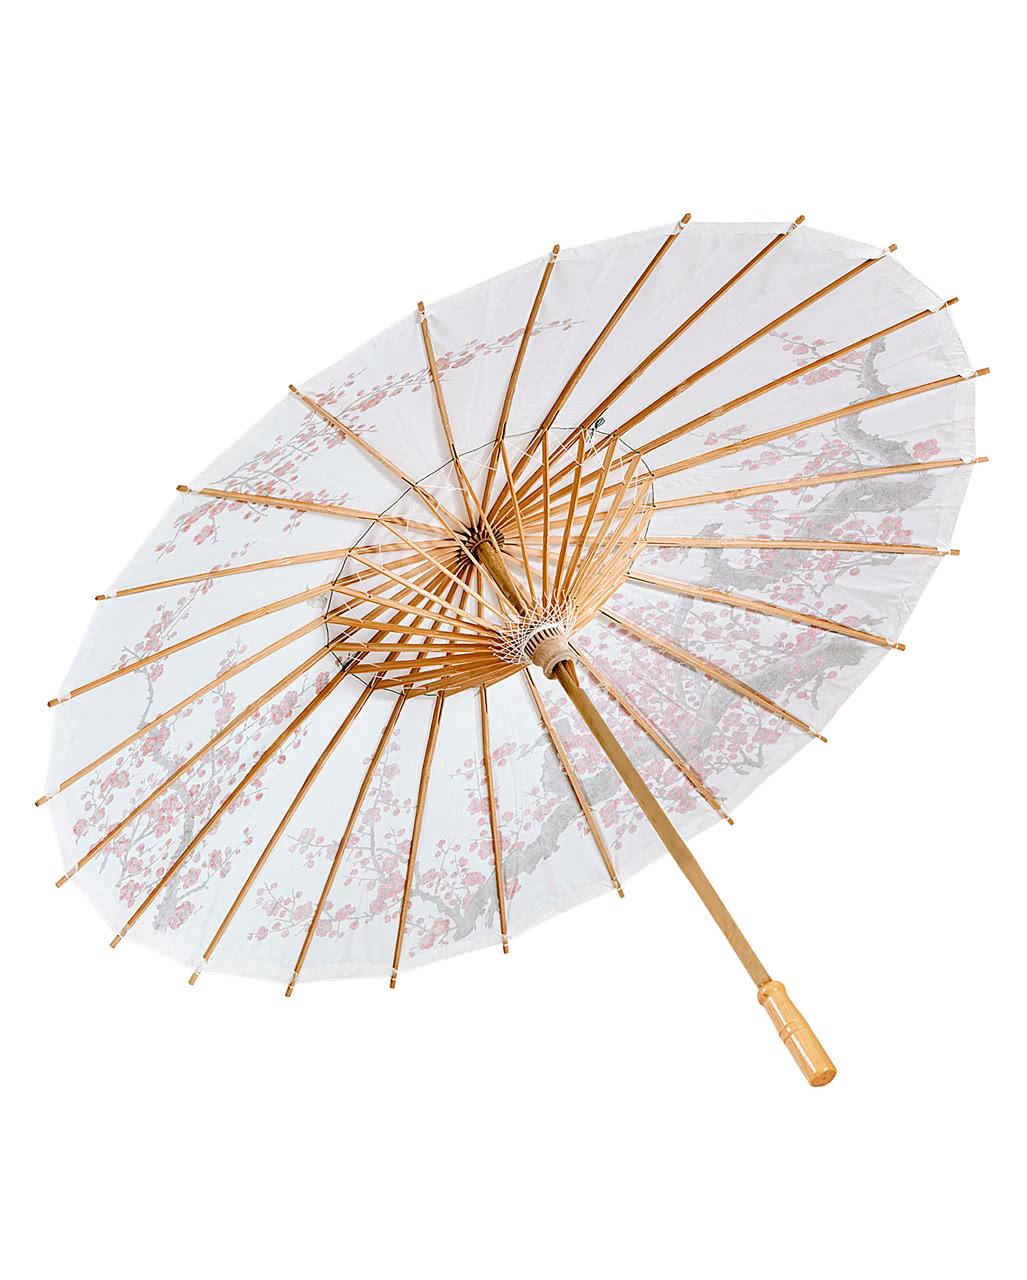 Asiatische Sonnenschirme reispapier sonnenschirm asiatisch für kostüme karneval universe